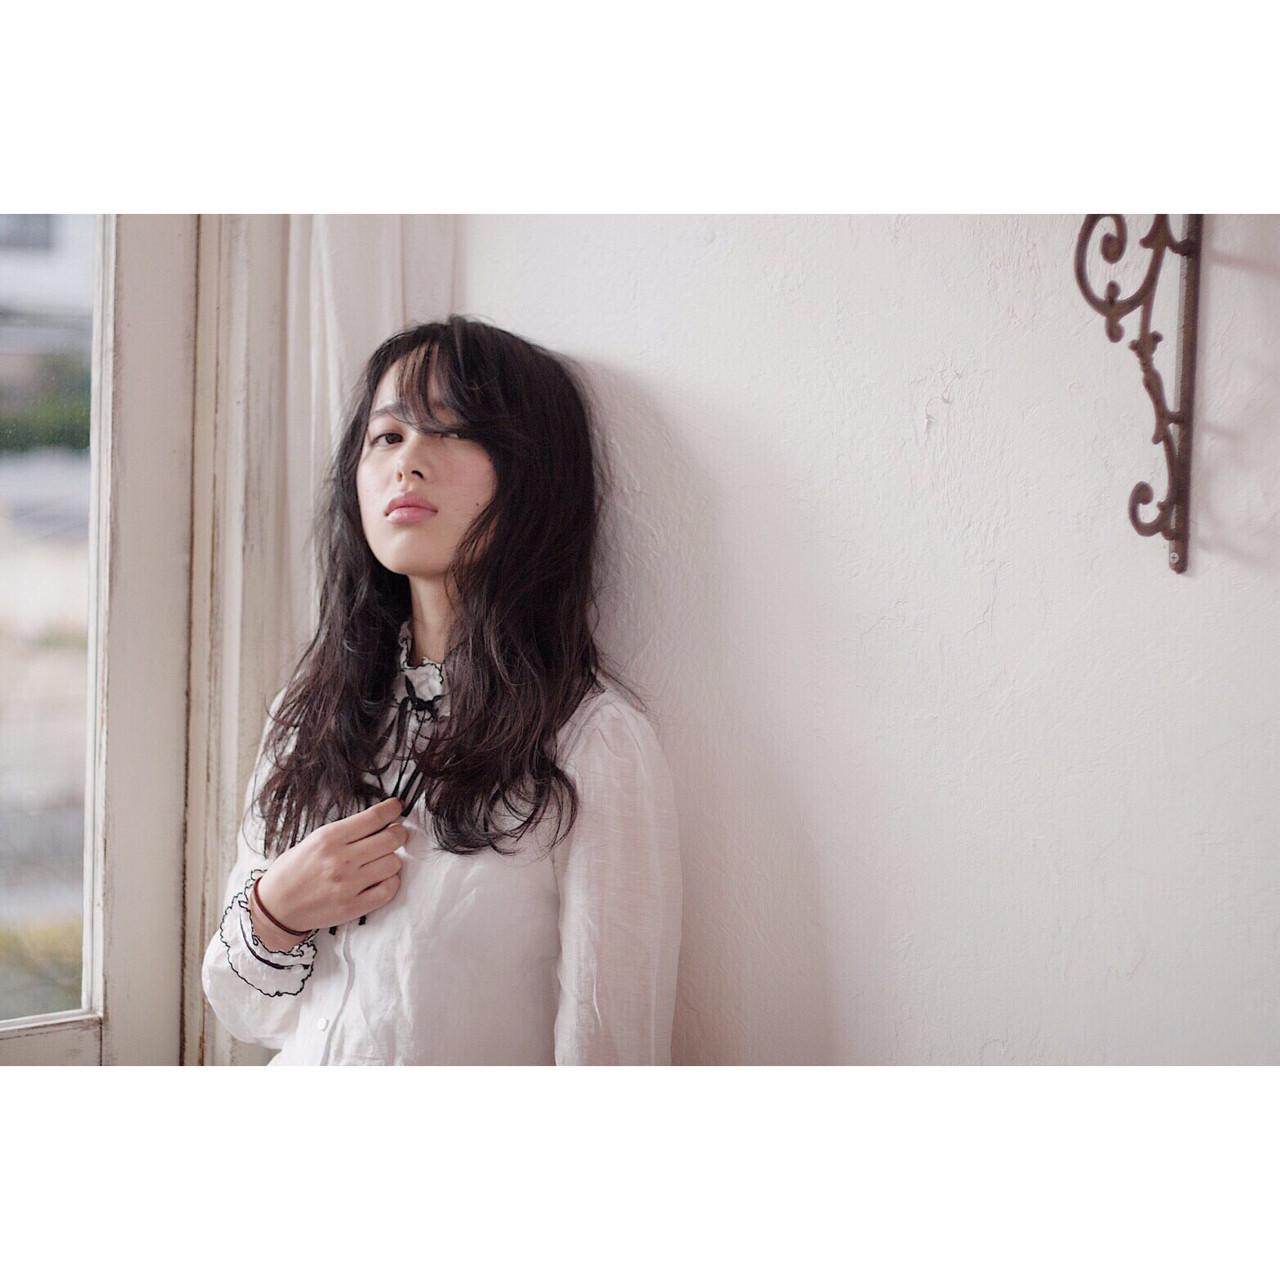 ナチュラル 黒髪 モテ髪 ロング ヘアスタイルや髪型の写真・画像 | RINO /